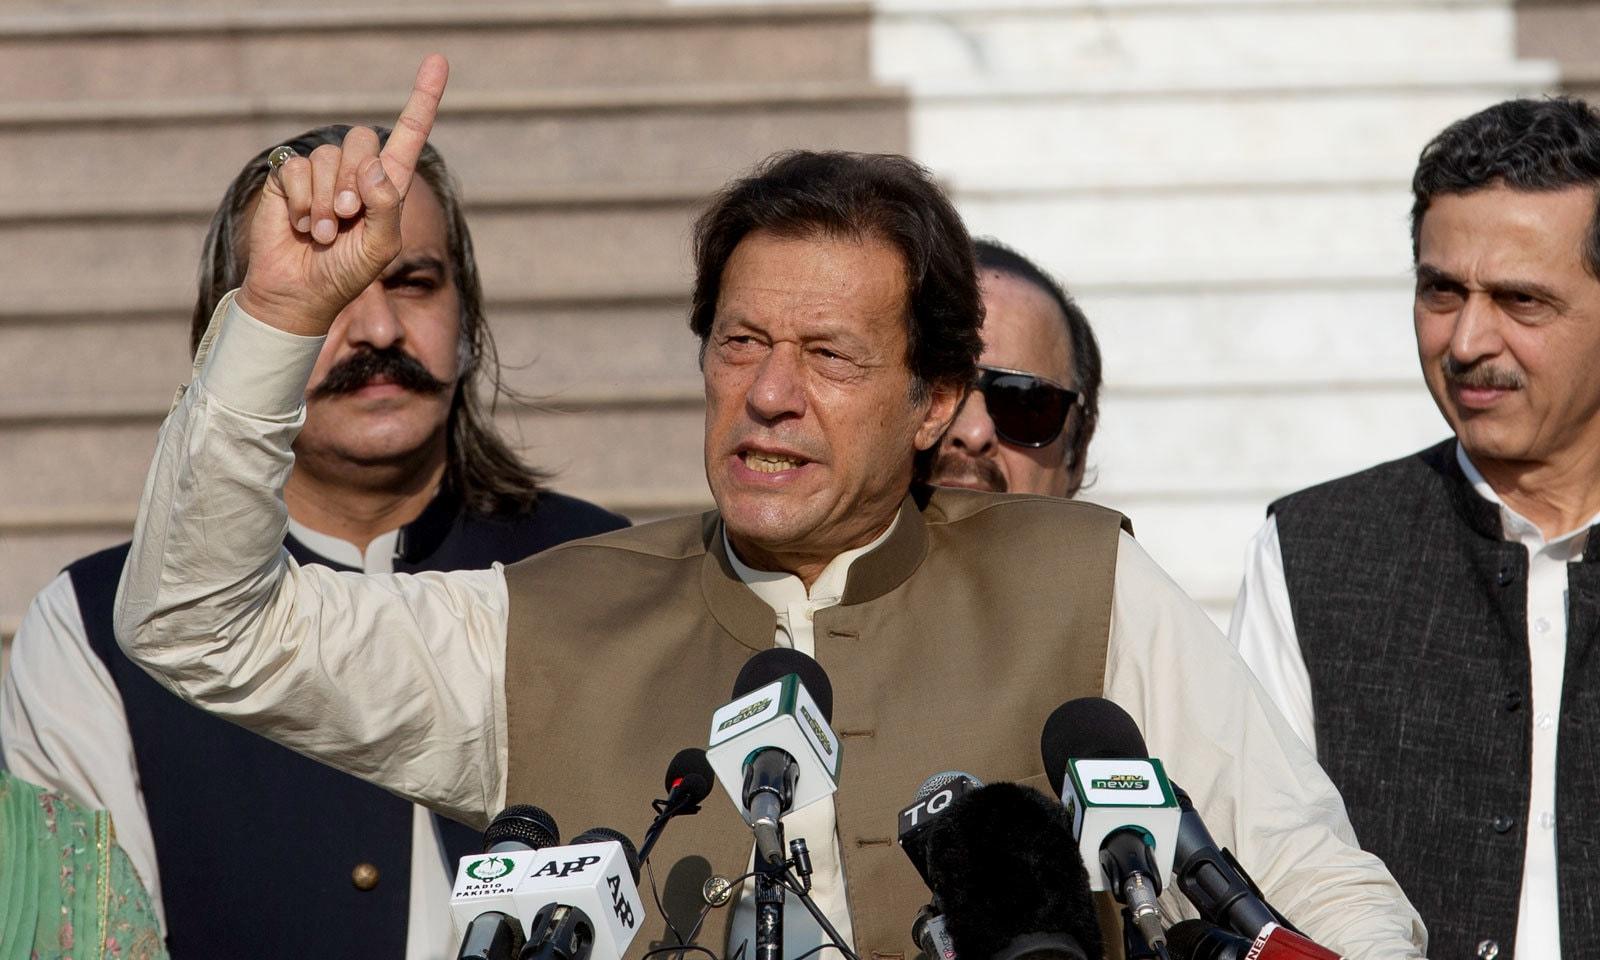 وزیر اعظم نے انسانی ہاتھوں کی زنجیر بنانے کے موقع پر موجود شرکا سے خطاب کیا — فوٹو: اے پی